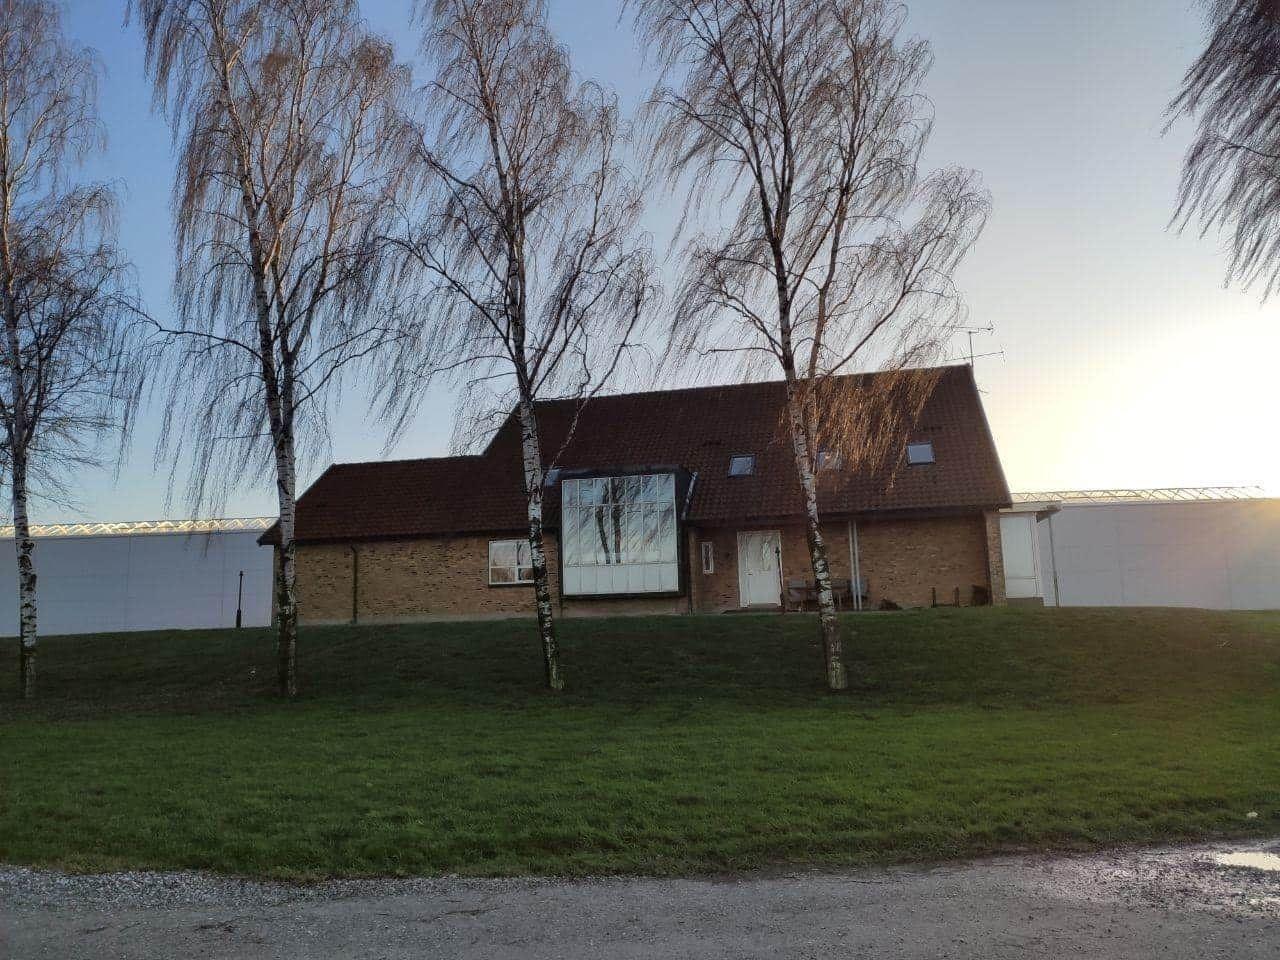 home for workers in Danmark.jpg (220 KB)